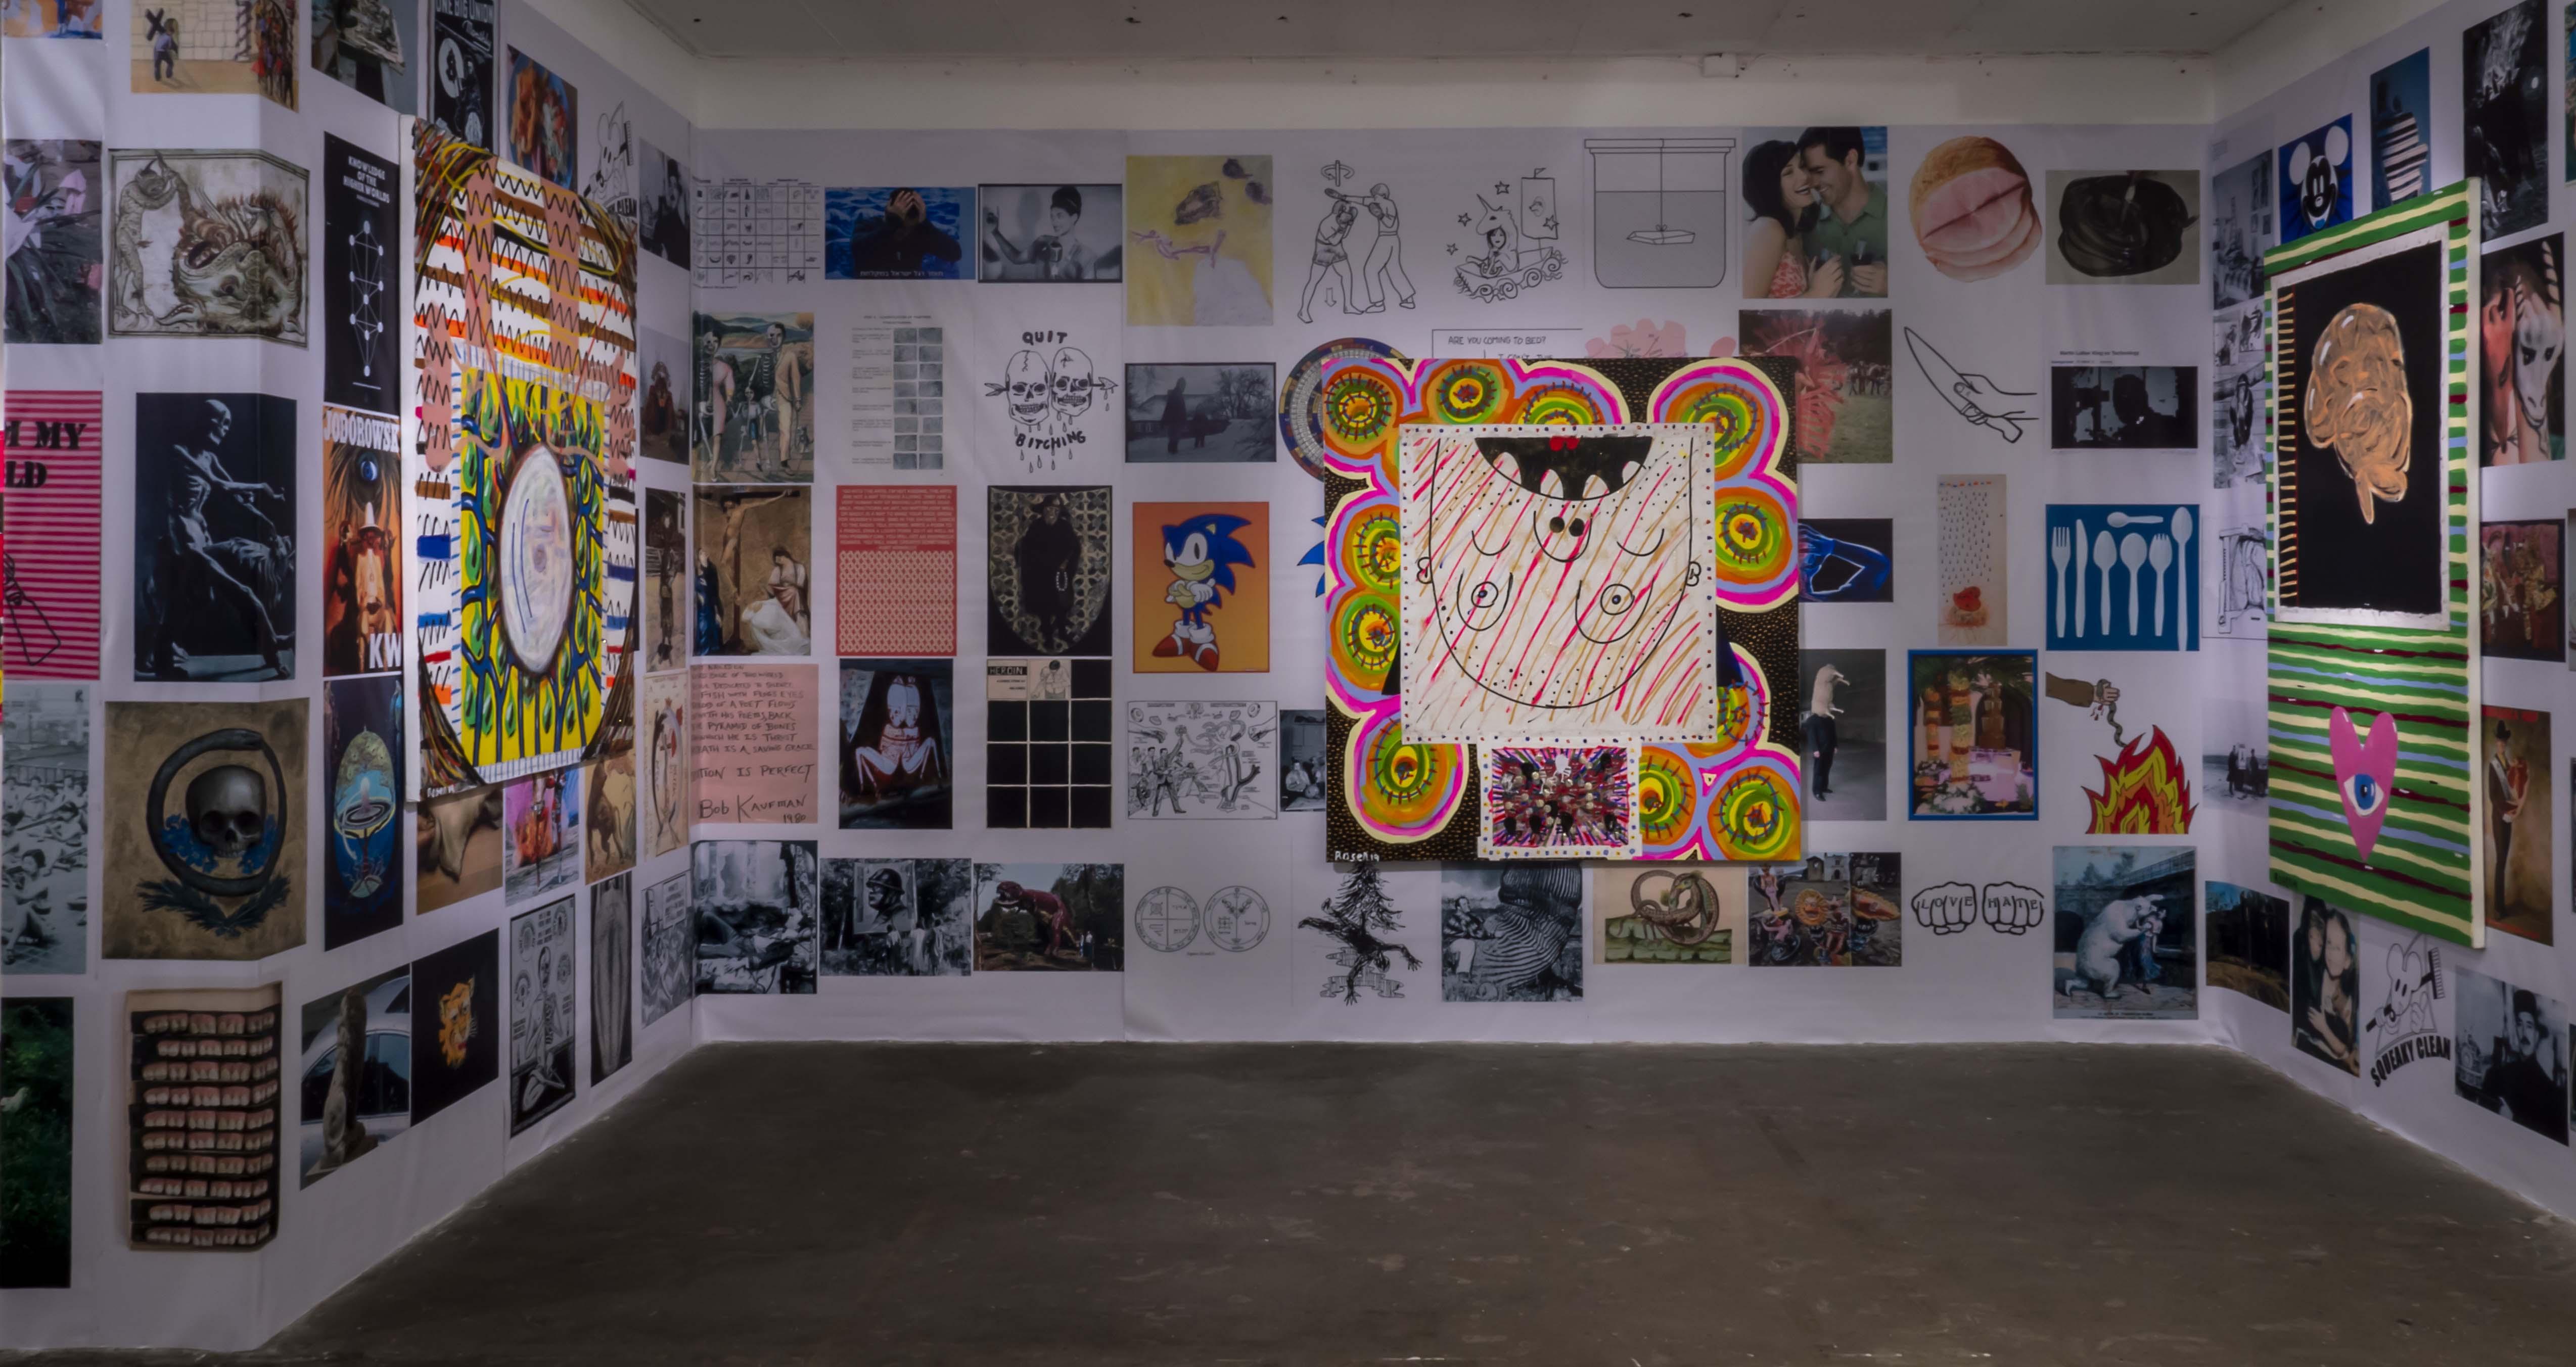 093 Installation view